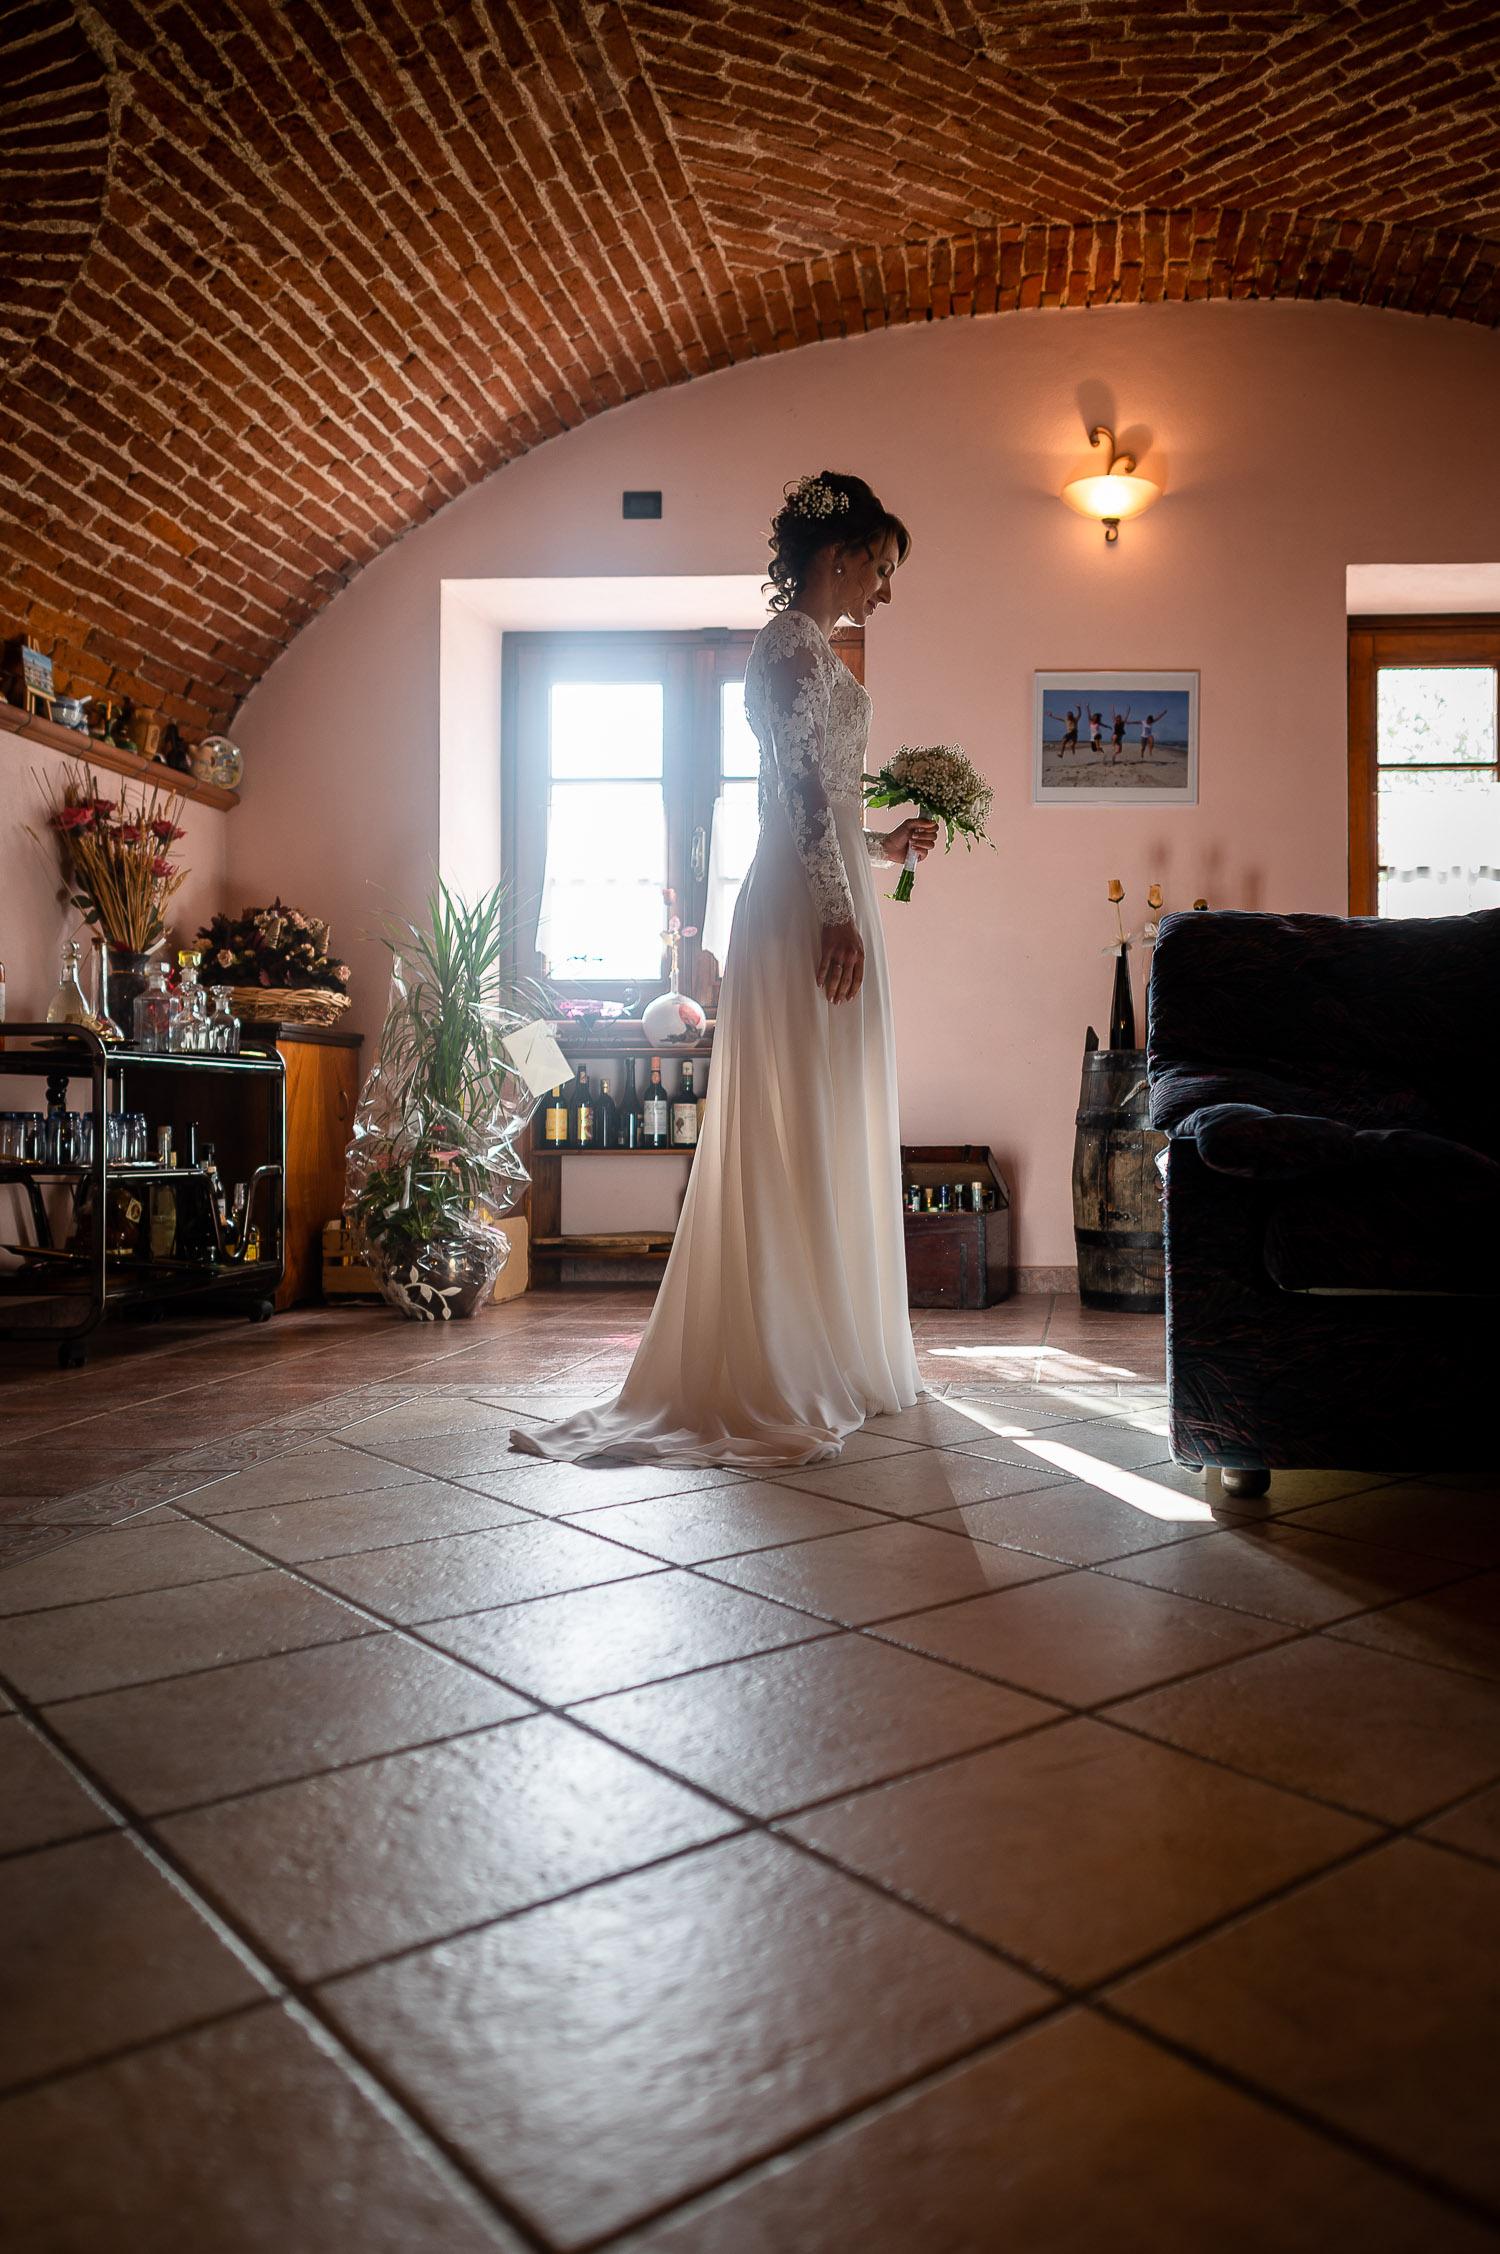 Matrimonio-romantico-in-piemonte-Cumiana-Paolo-Mantovan-fotografia-0051